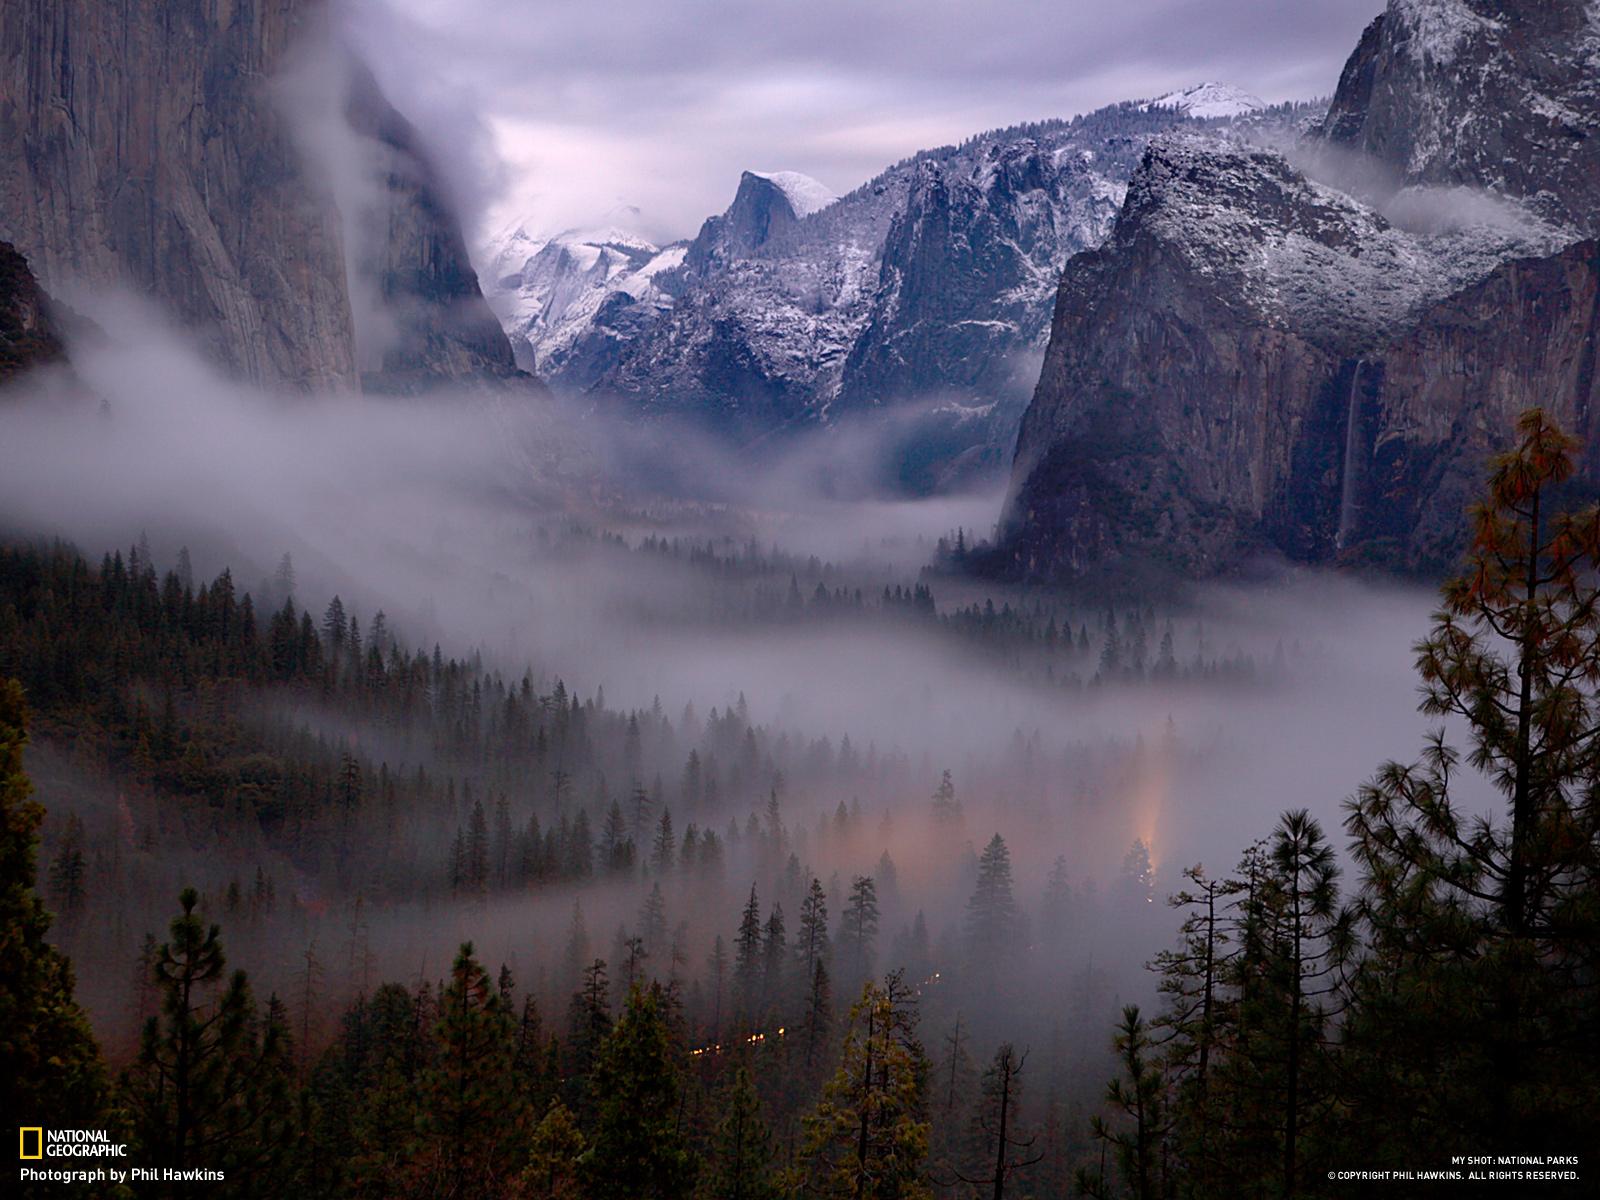 http://1.bp.blogspot.com/-S0K12KJ_eMo/T5diYwOMBUI/AAAAAAAACZc/2yEillYBnKQ/s1600/38-national-parks-1600.jpg